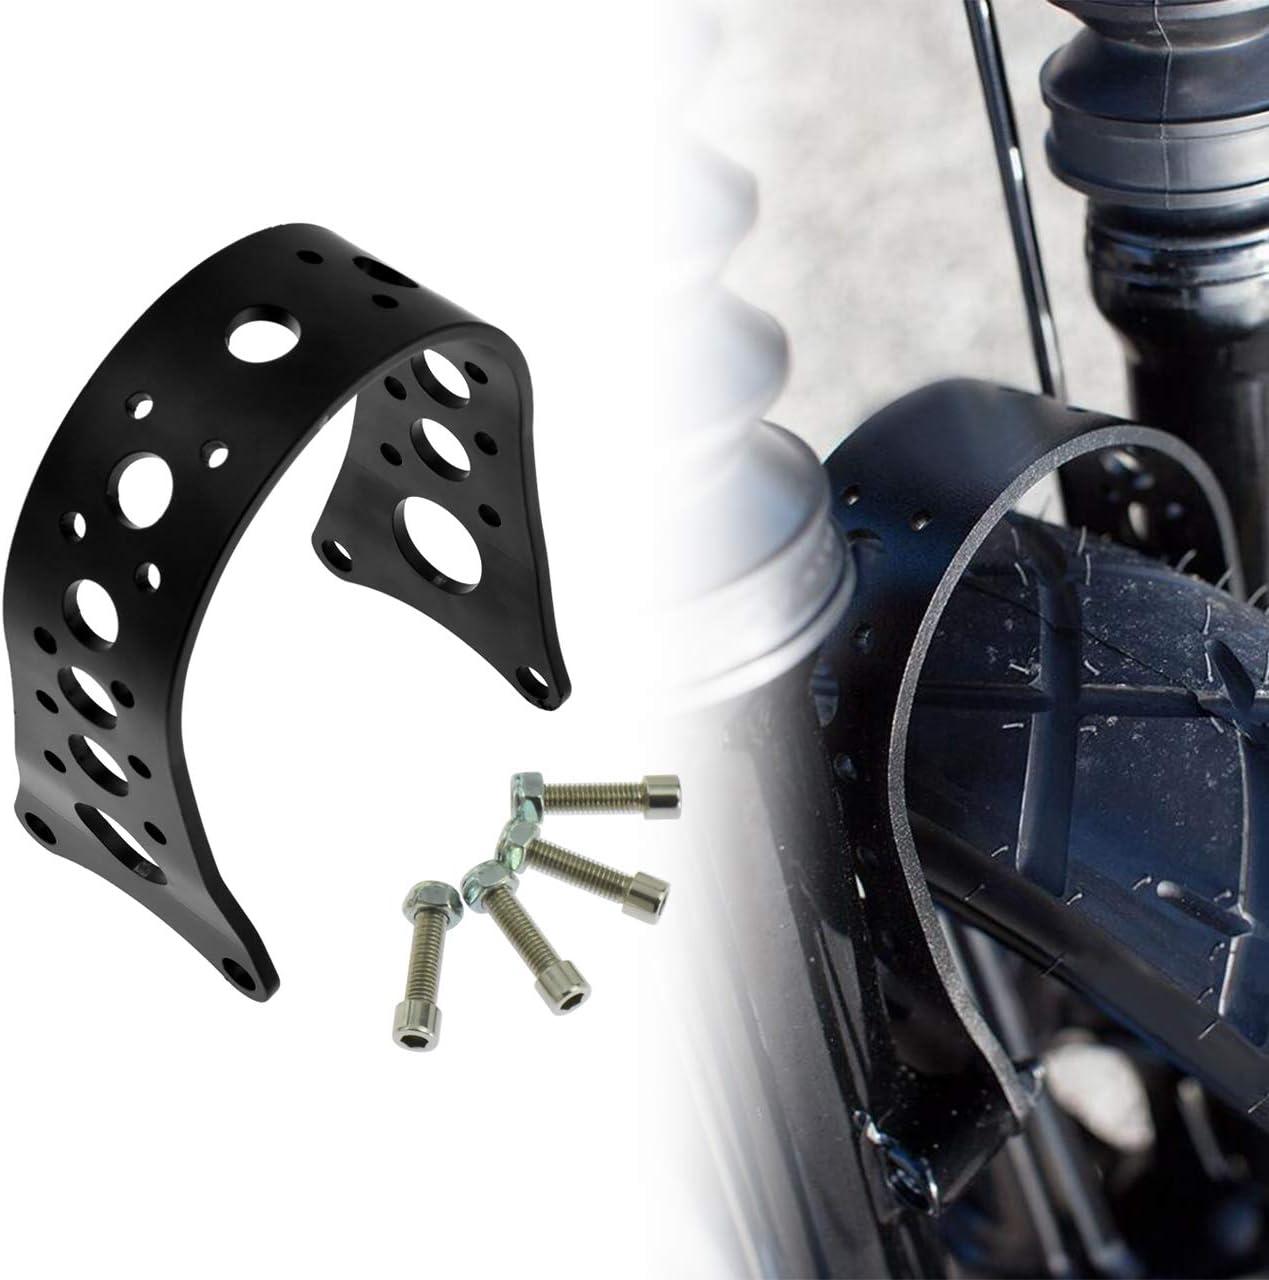 Motorcycle 39mm Tracker Front Fork Brace for Harley 88-17 Harley Dyna Sportster FXD XL,Matte Black Rebacker